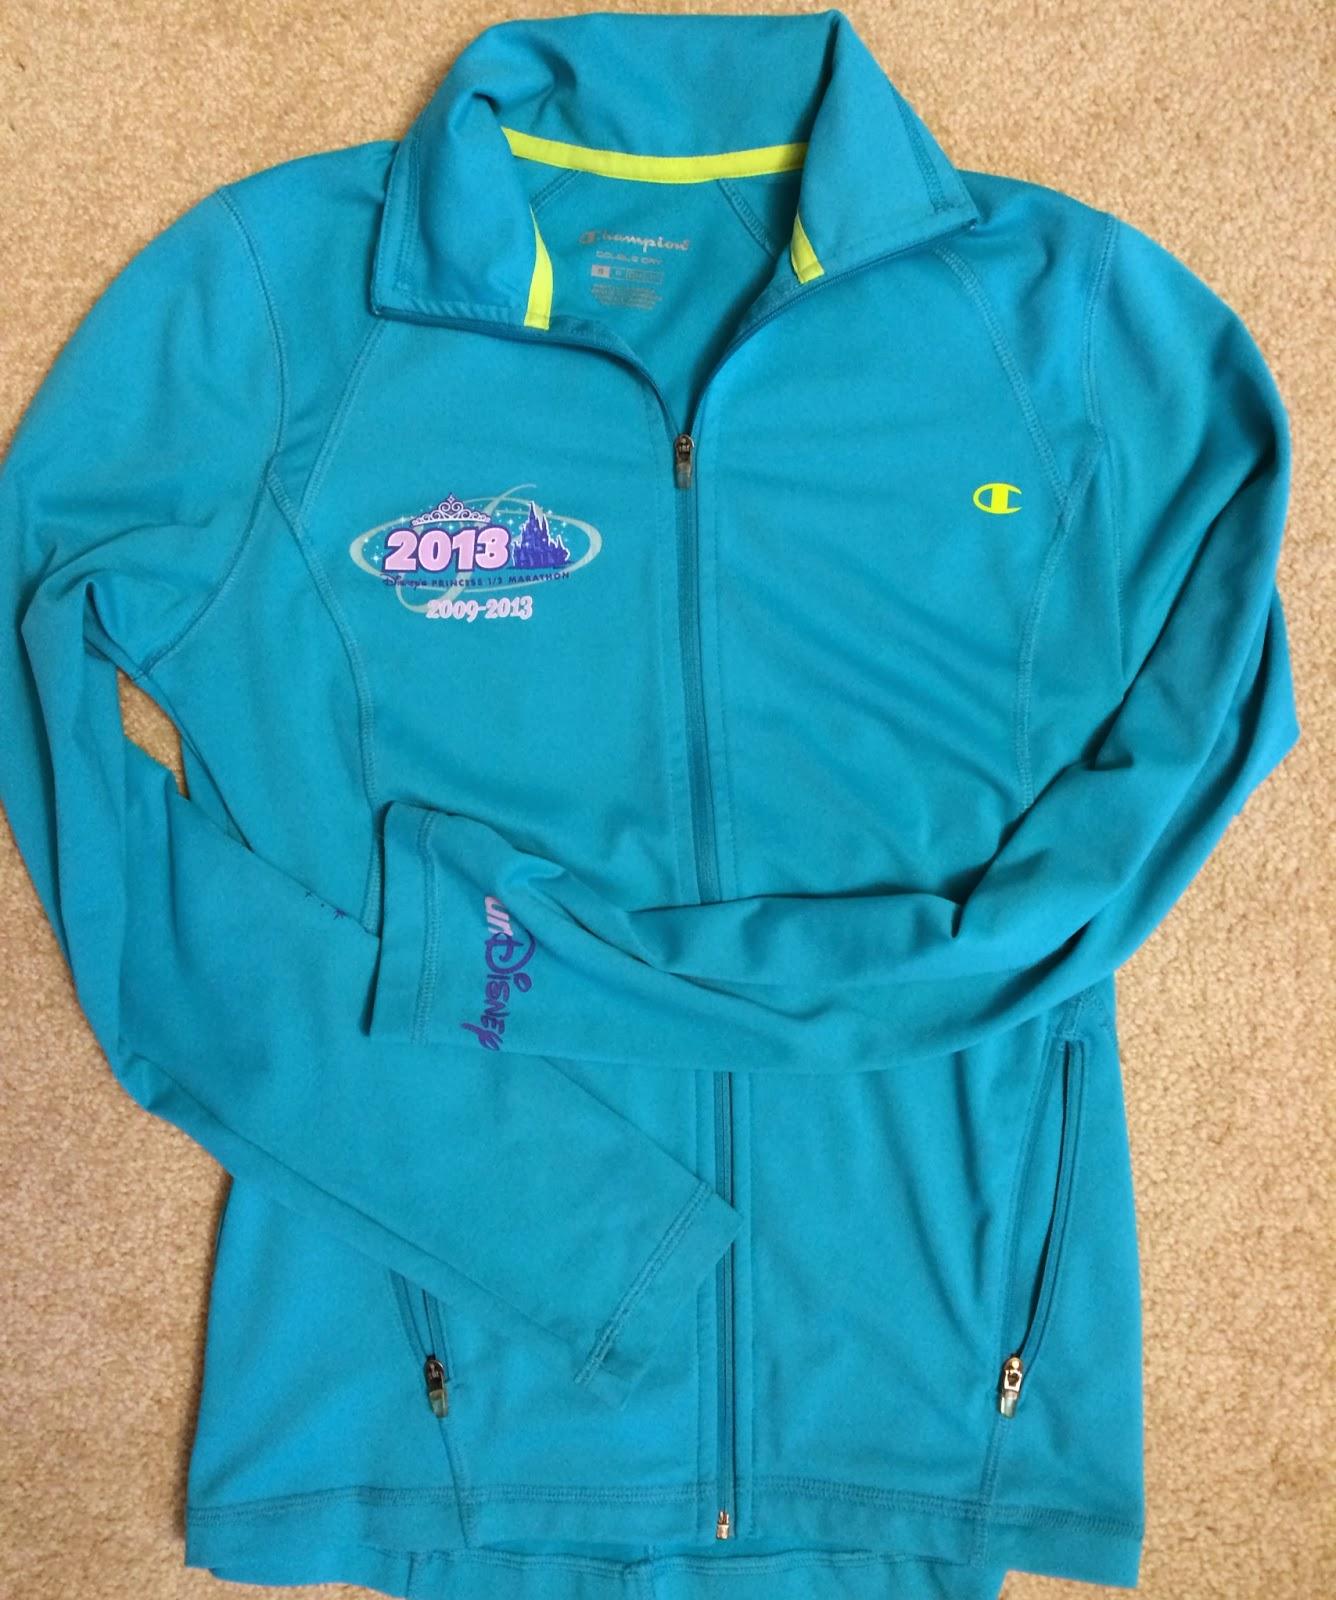 2013 Full Zip Jacket